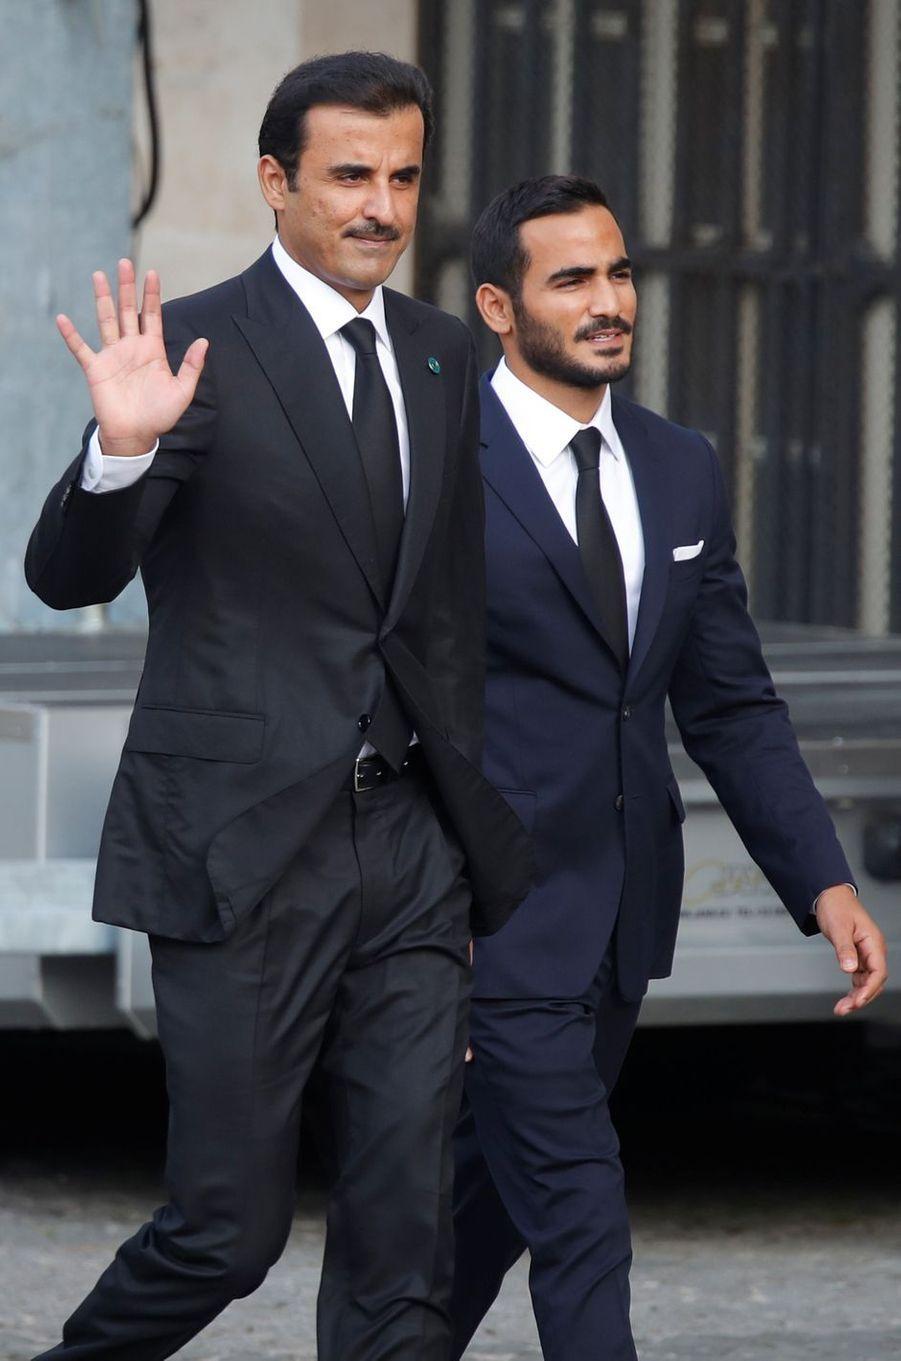 Le cheikh Tamim bin Hamad al-Thani, émir du Qatar, aux obsèques de Jacques Chirac à Paris, le 30 septembre 2019